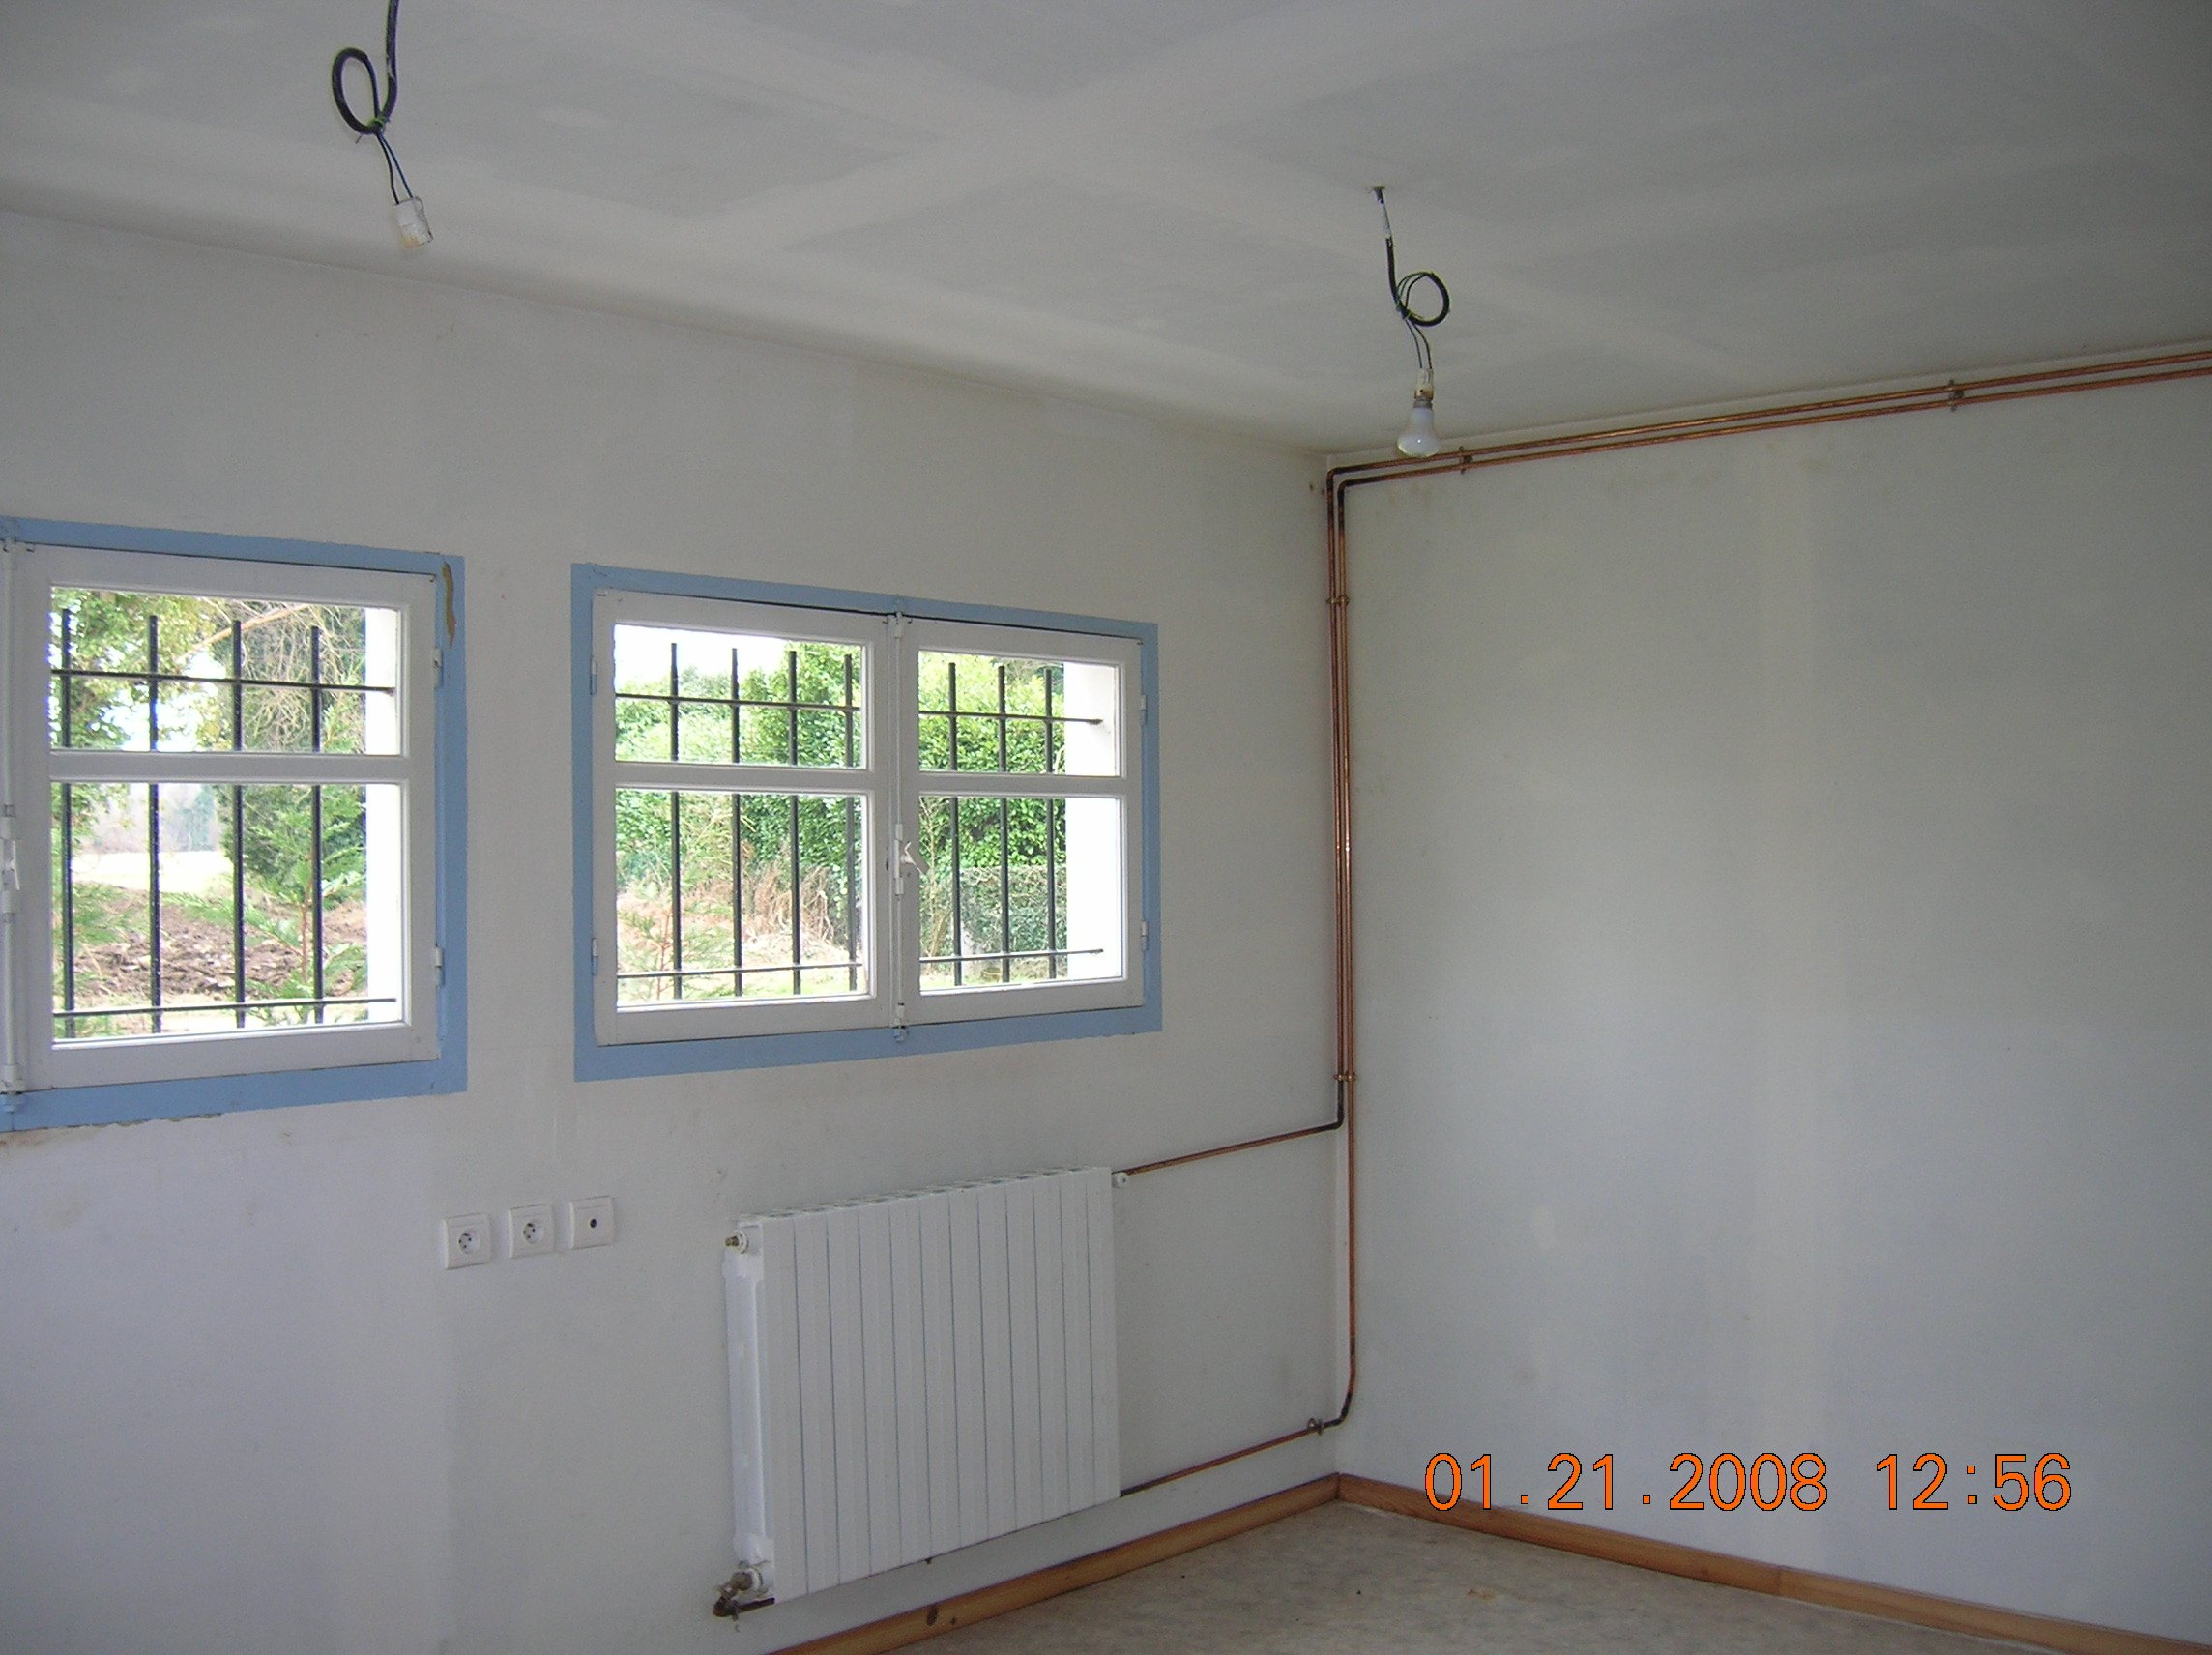 Boudha home - Transformer un garage en chambre prix ...